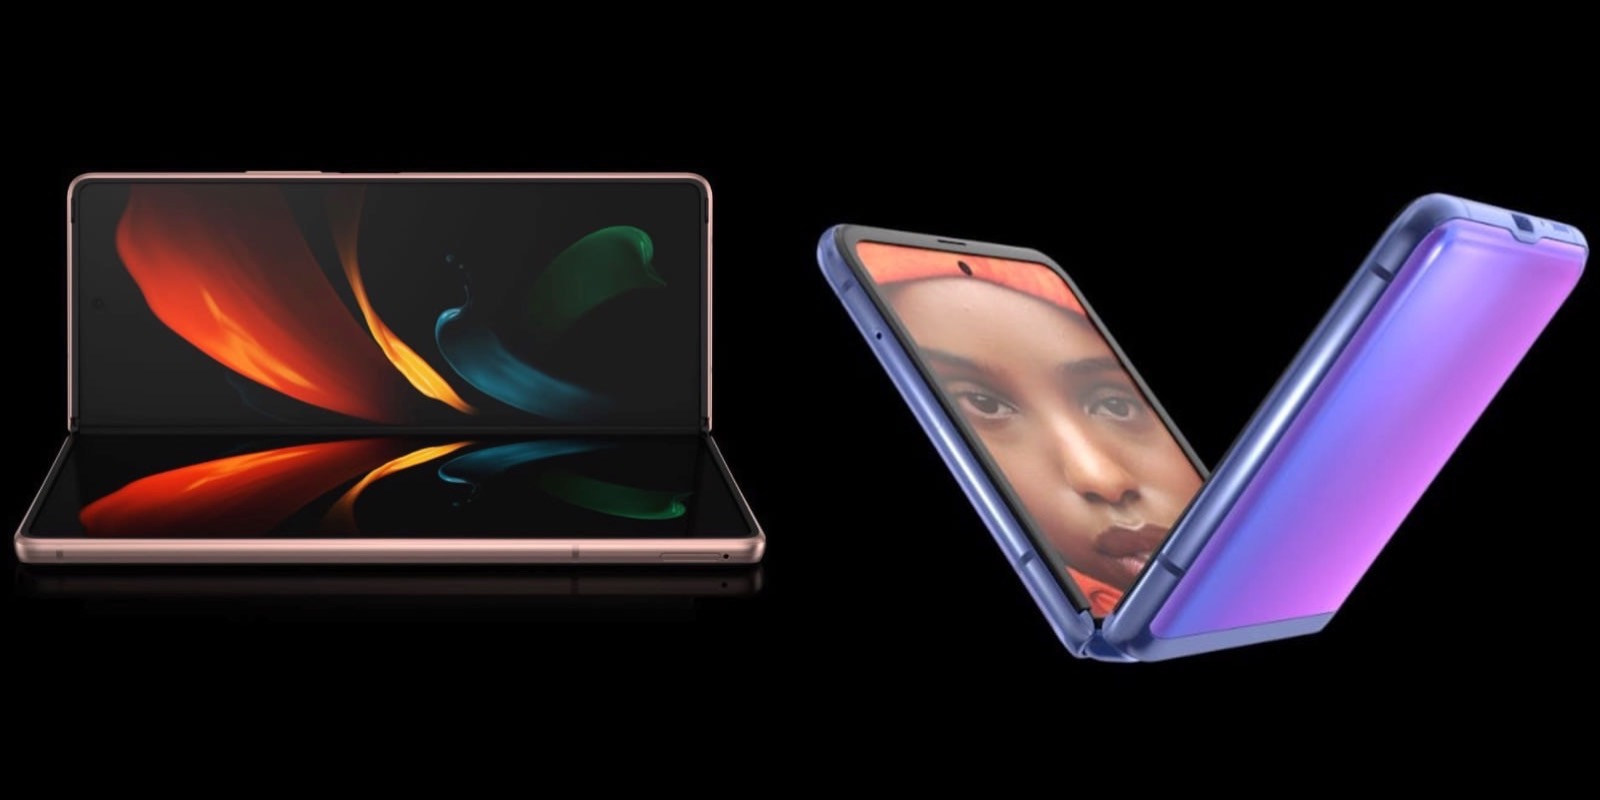 Galaxy Z Fold and Z flip